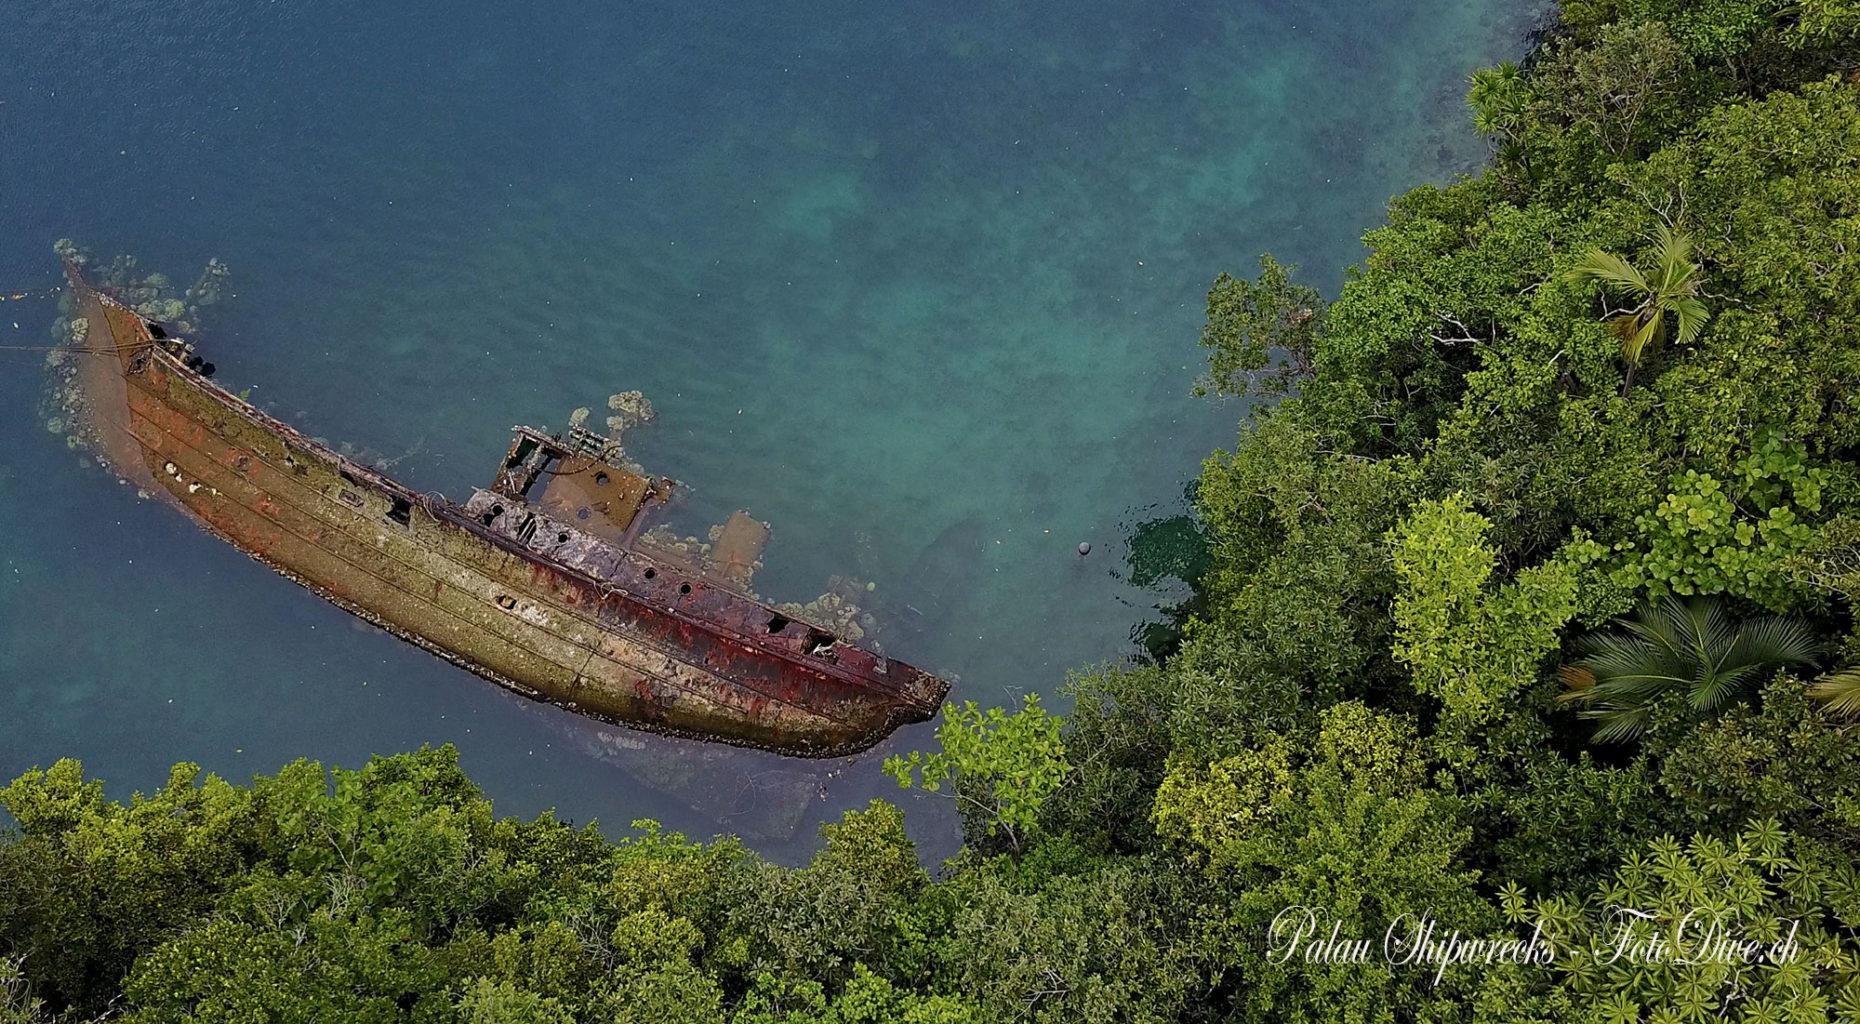 Shipwreck Palau